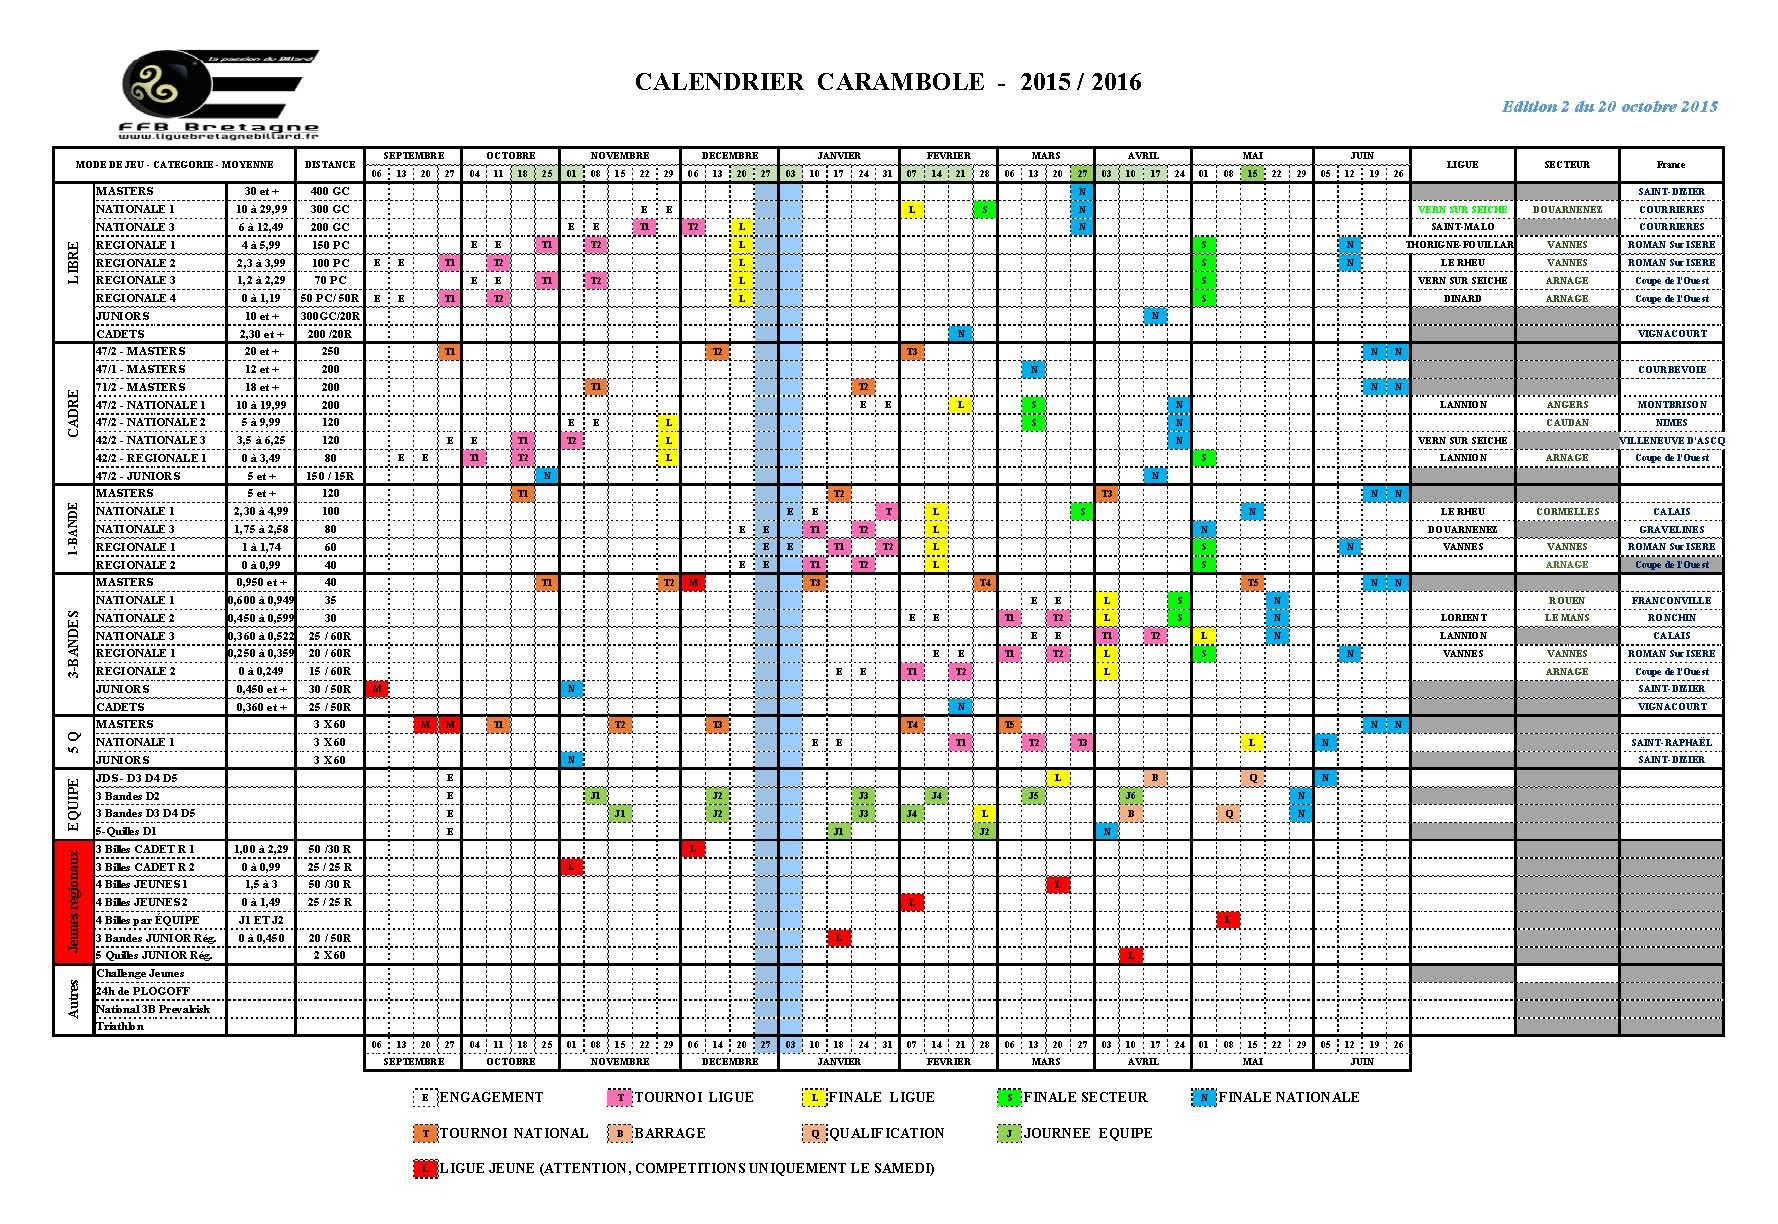 Calendrier 2015-2016 édition 2 du 20 octobre 2015